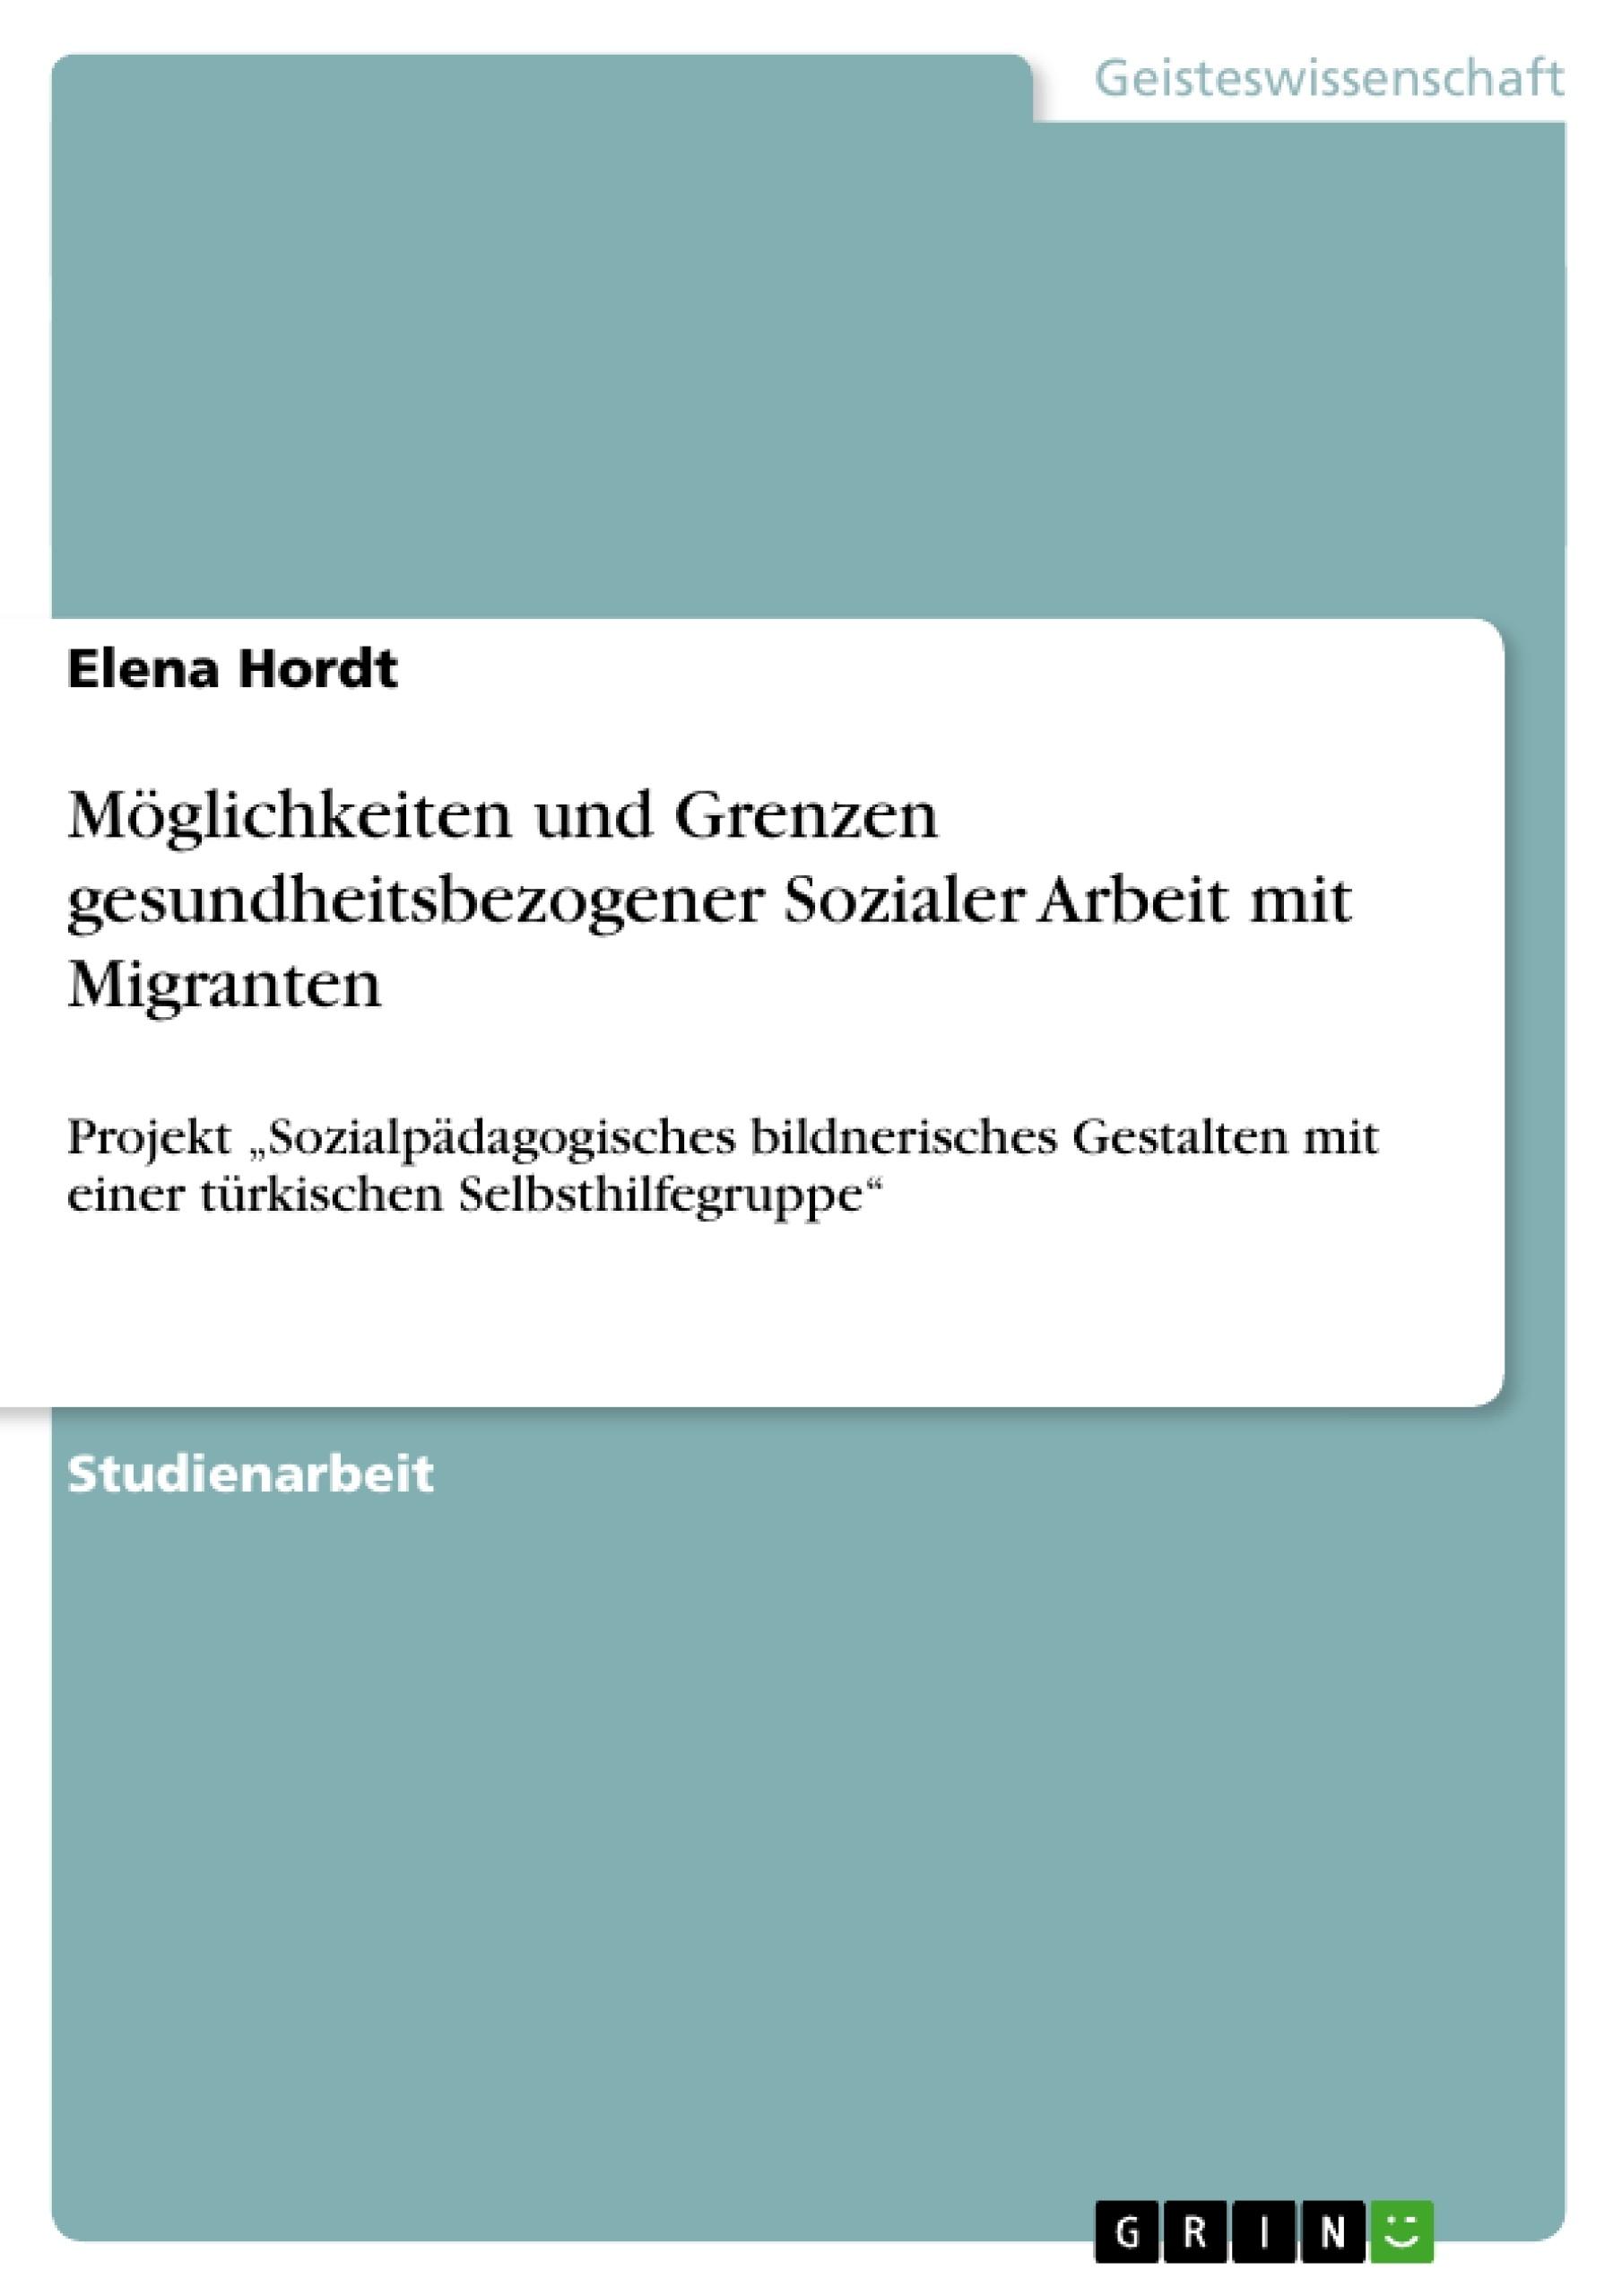 Titel: Möglichkeiten und Grenzen gesundheitsbezogener Sozialer Arbeit mit Migranten